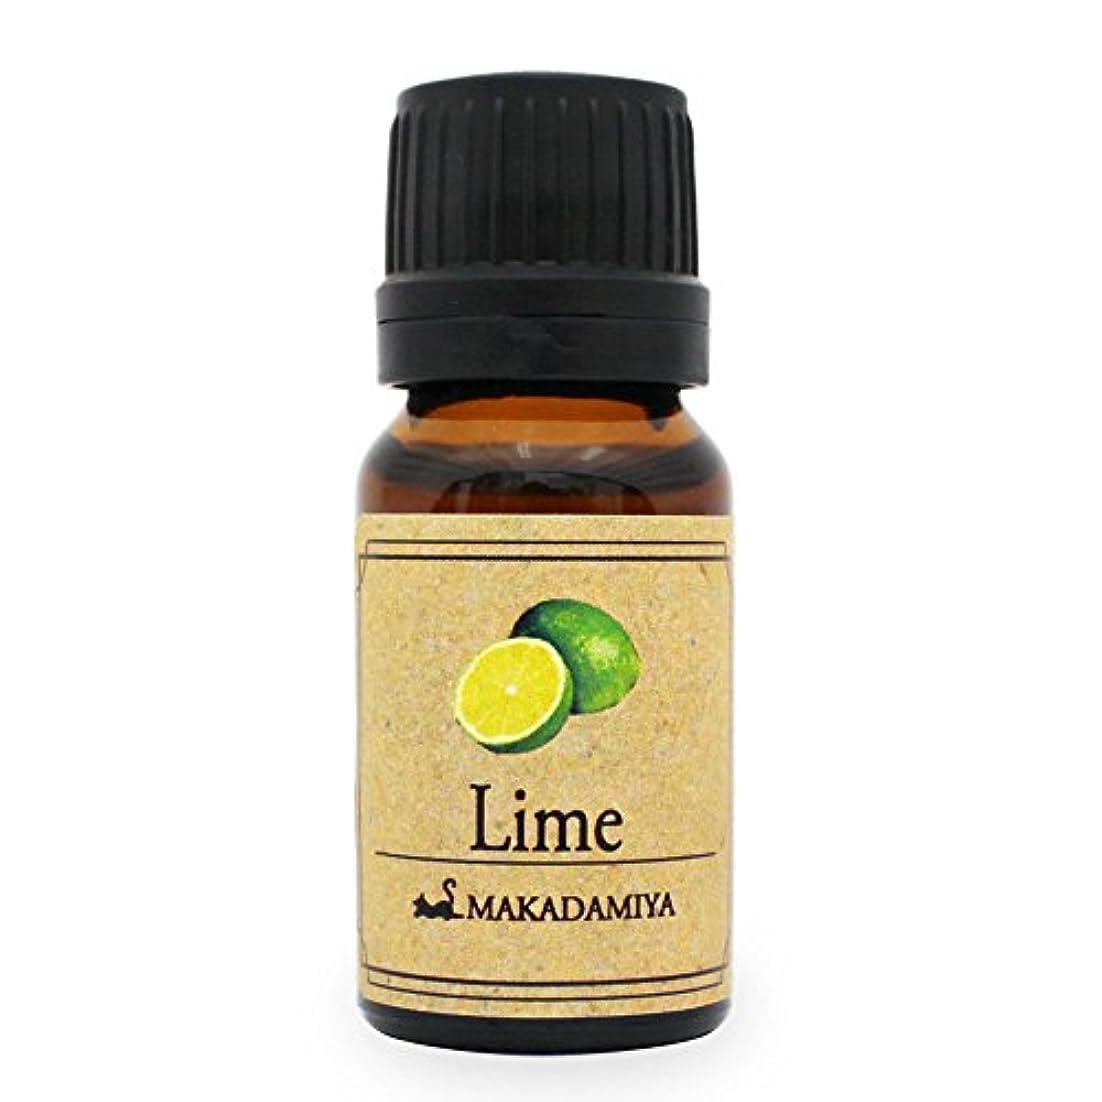 サイクル海洋のシーフードライム10ml 天然100%植物性 エッセンシャルオイル(精油) アロマオイル アロママッサージ aroma Lime